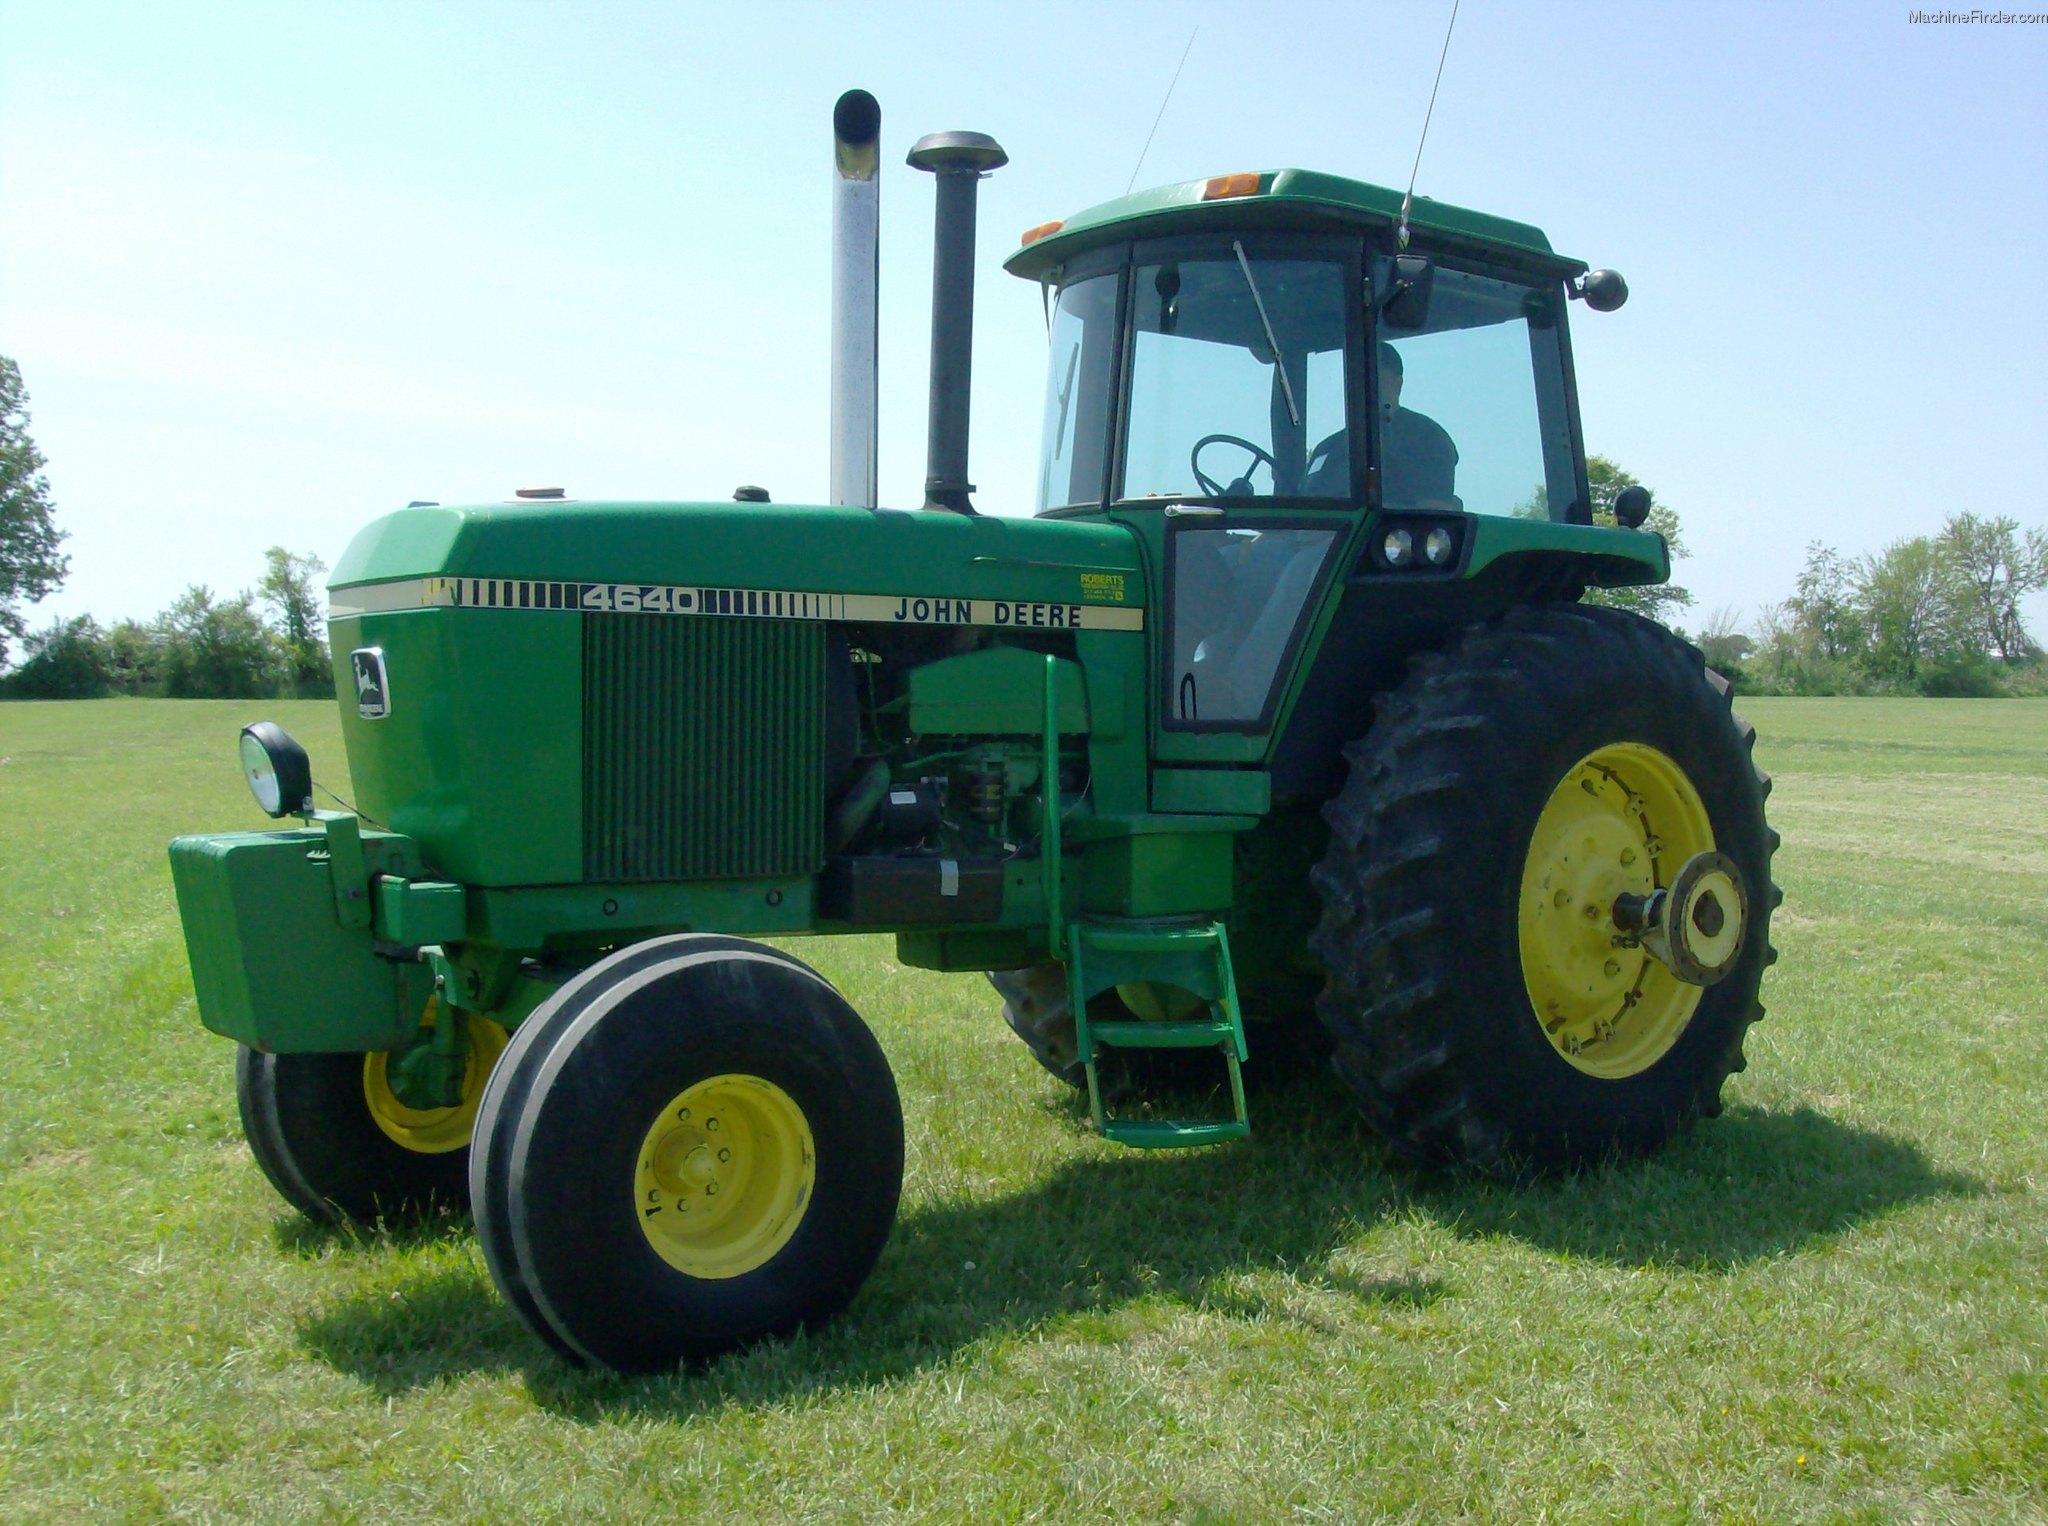 1982 John Deere 4640 Tractors - Row Crop   100hp